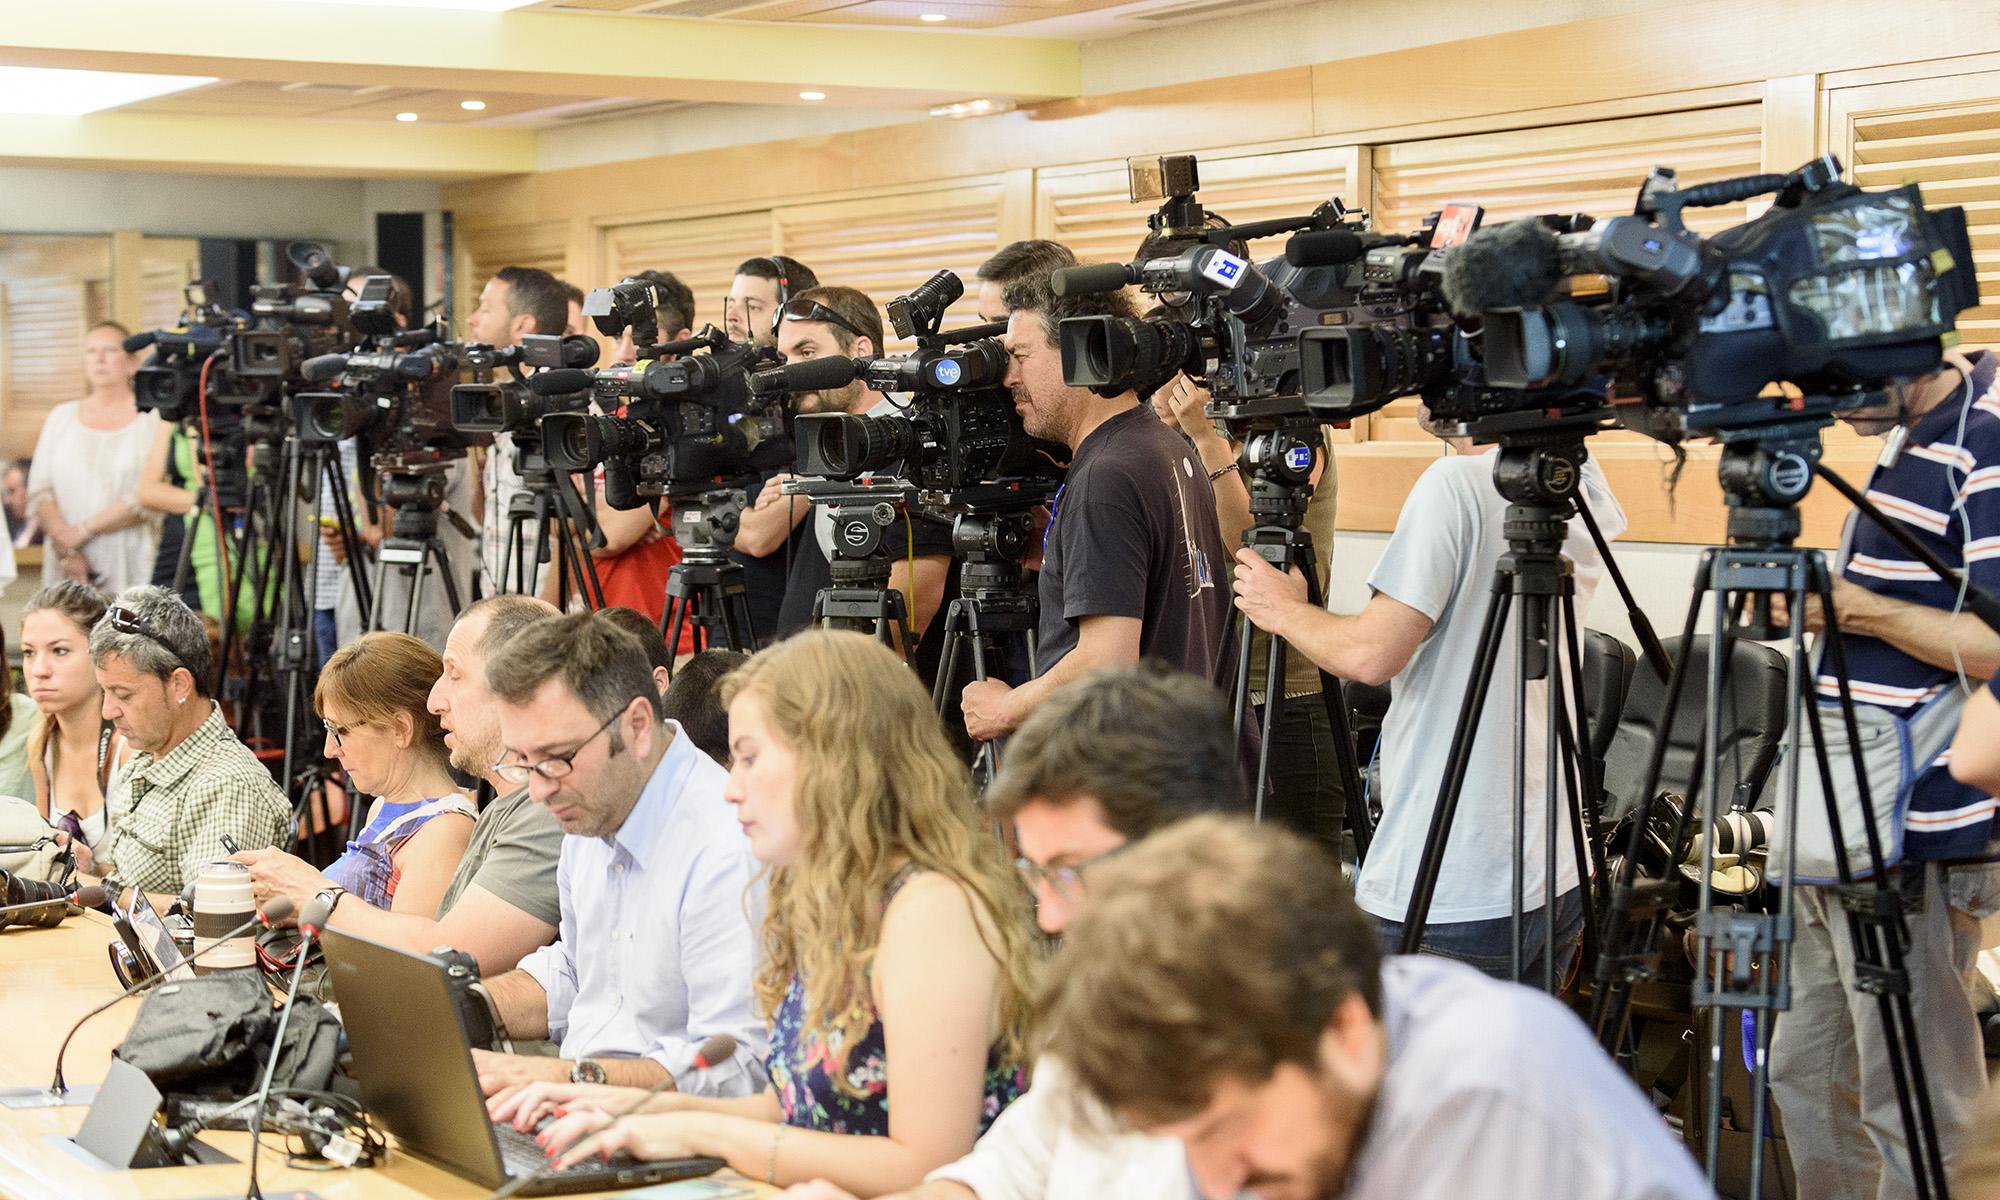 Cobertura informativa en foto y vídeo del pacto salarial de los agentes sociales, foto Alfonso Esteban (STB Estudio)